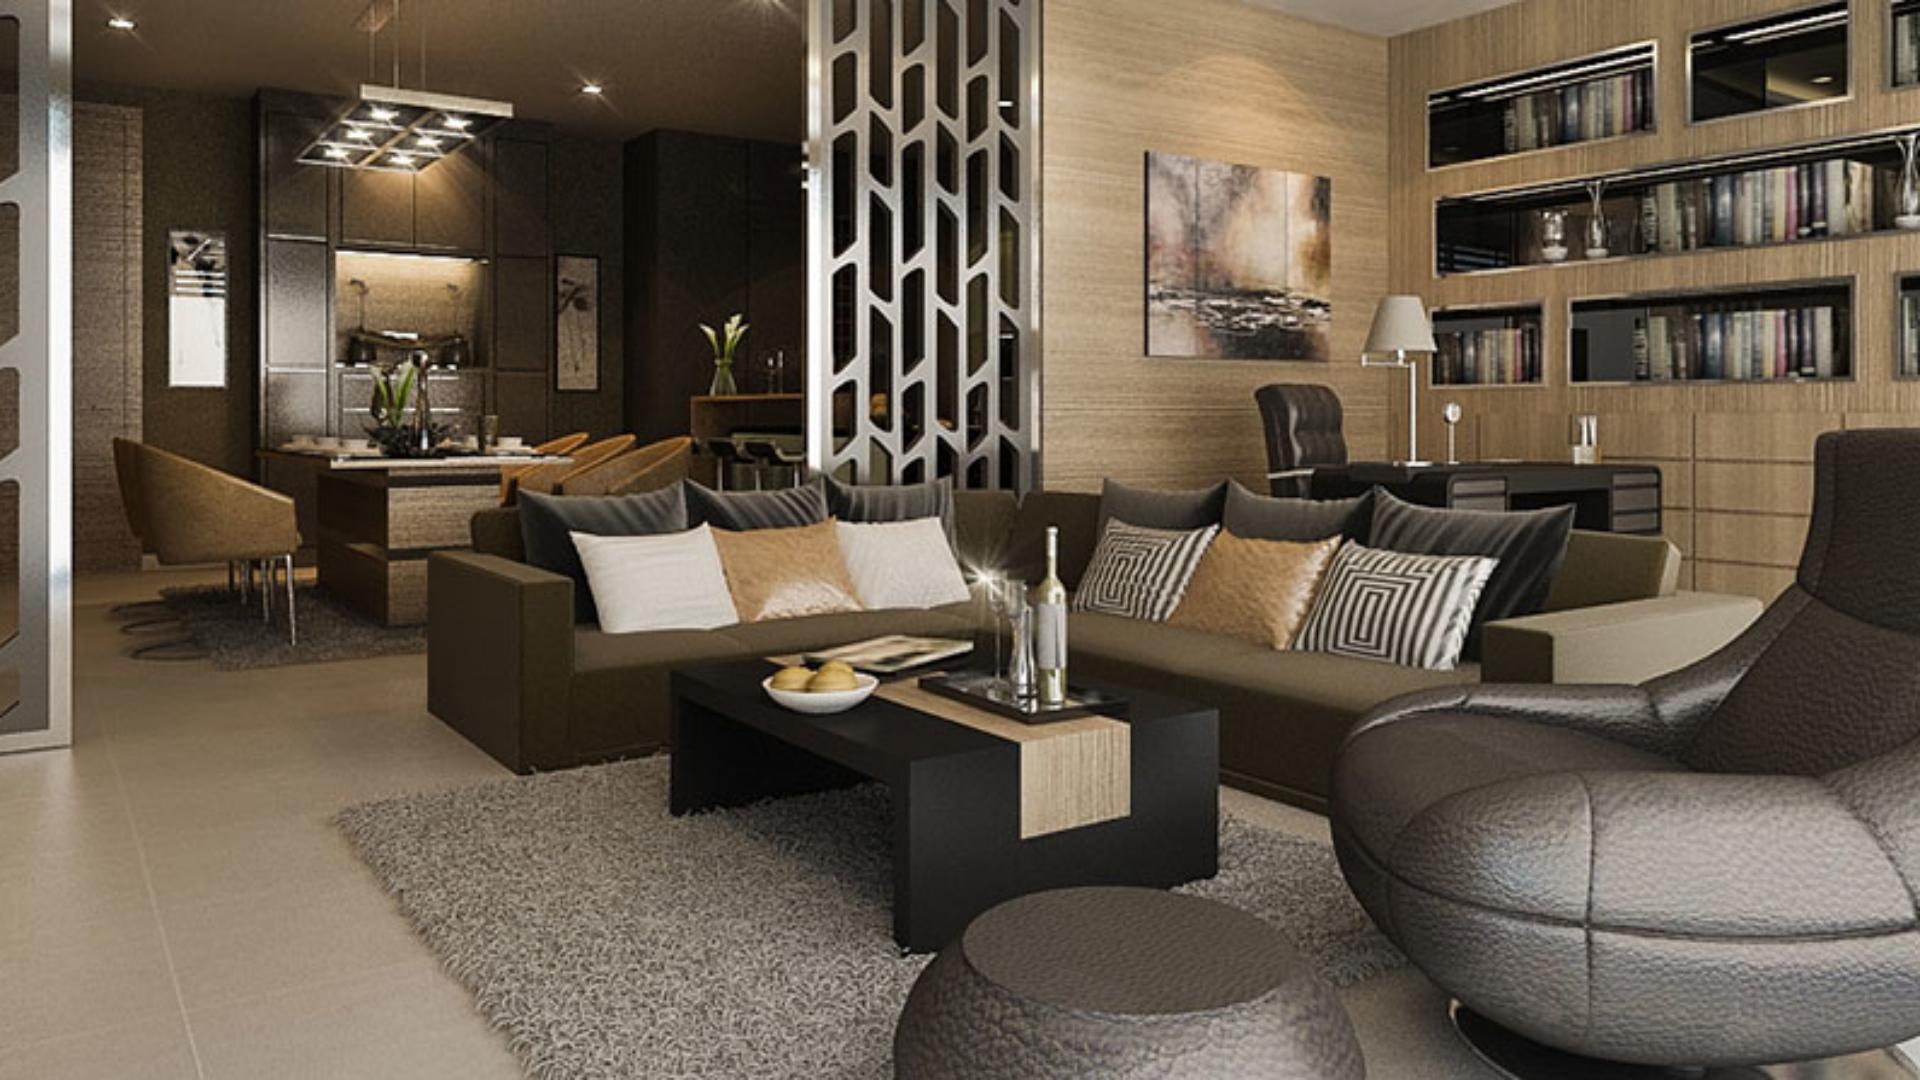 Thailand interior design for Thai style interior design